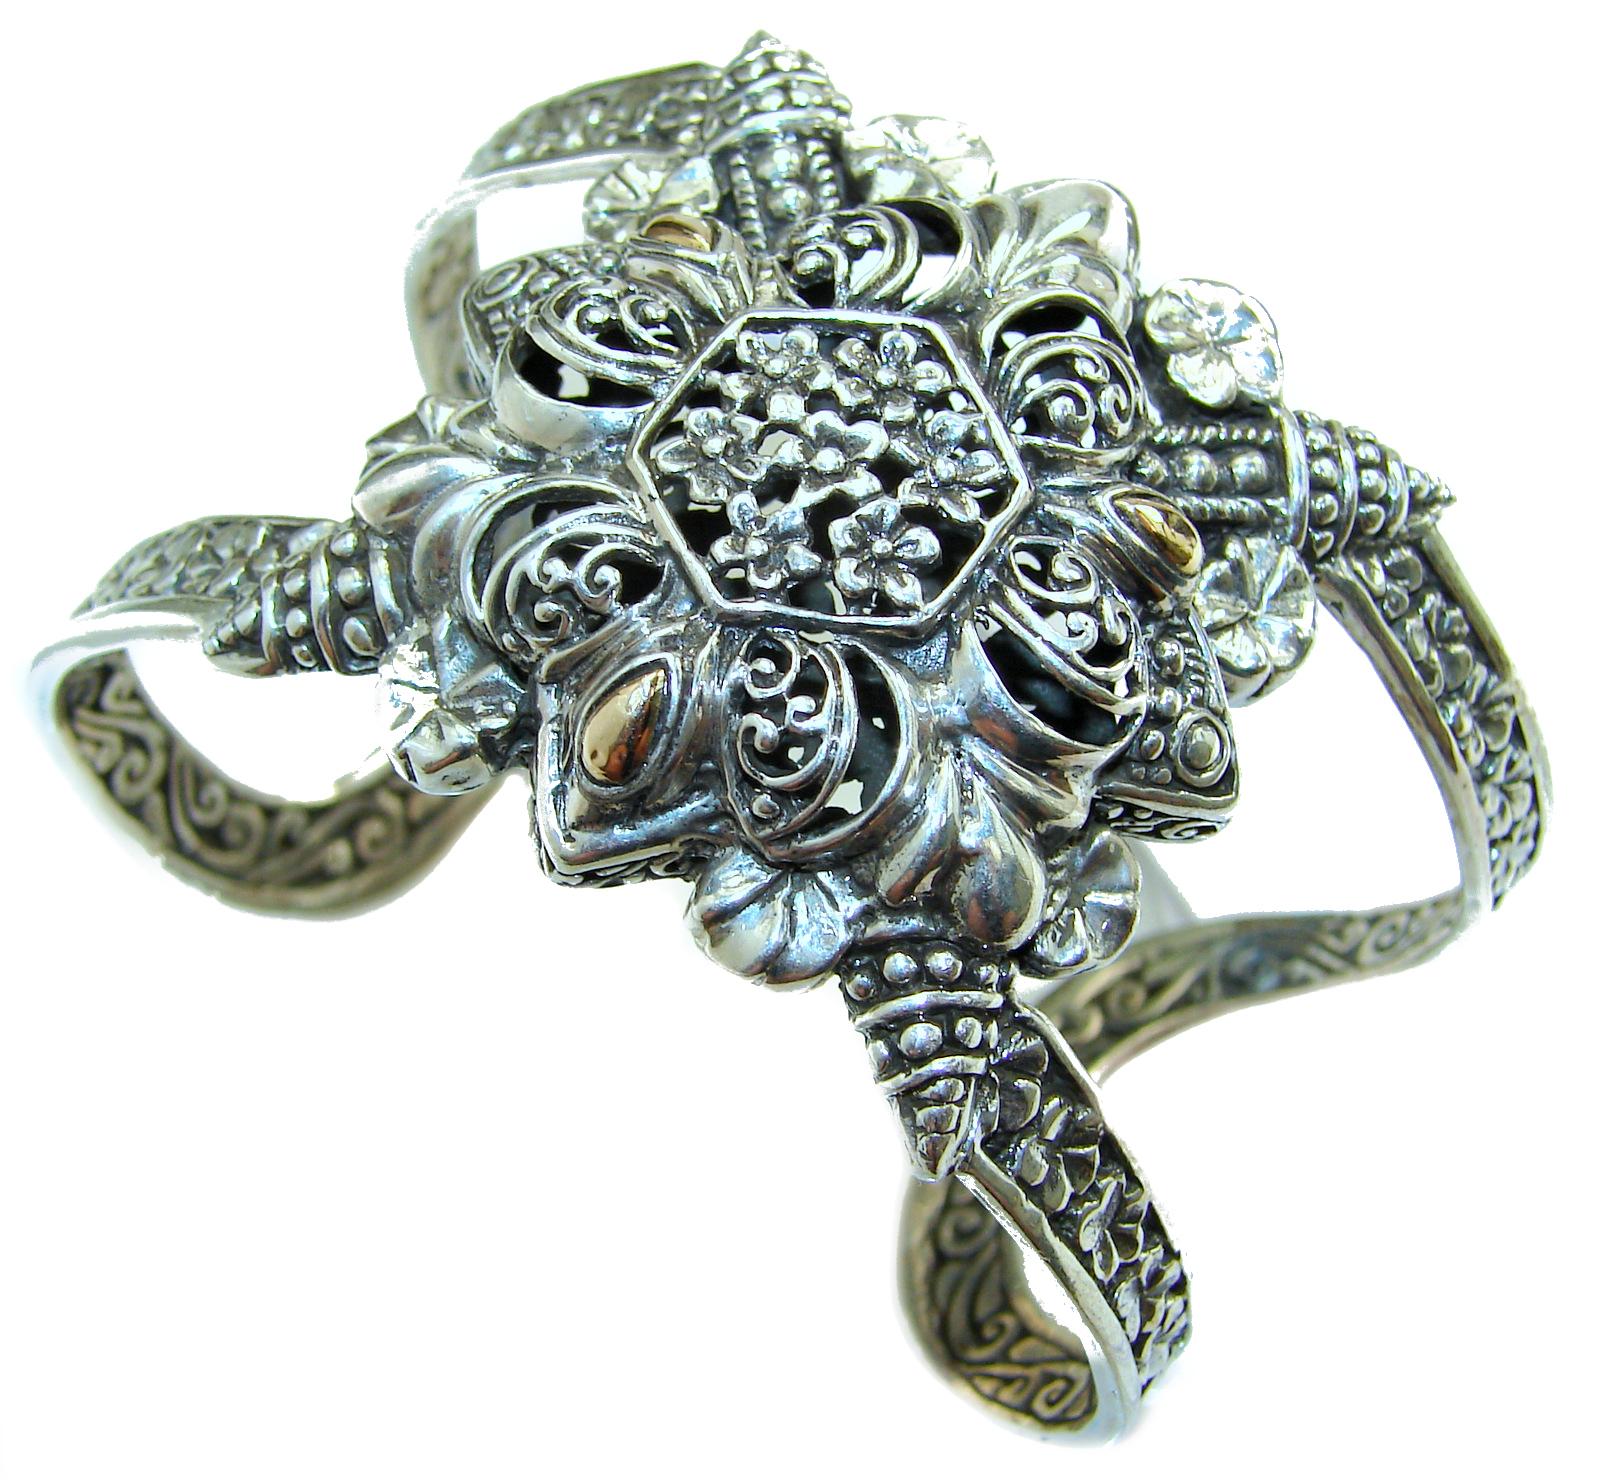 Huge Celtic Design .925 Sterling Silver handcrafted Bracelet / Cuff